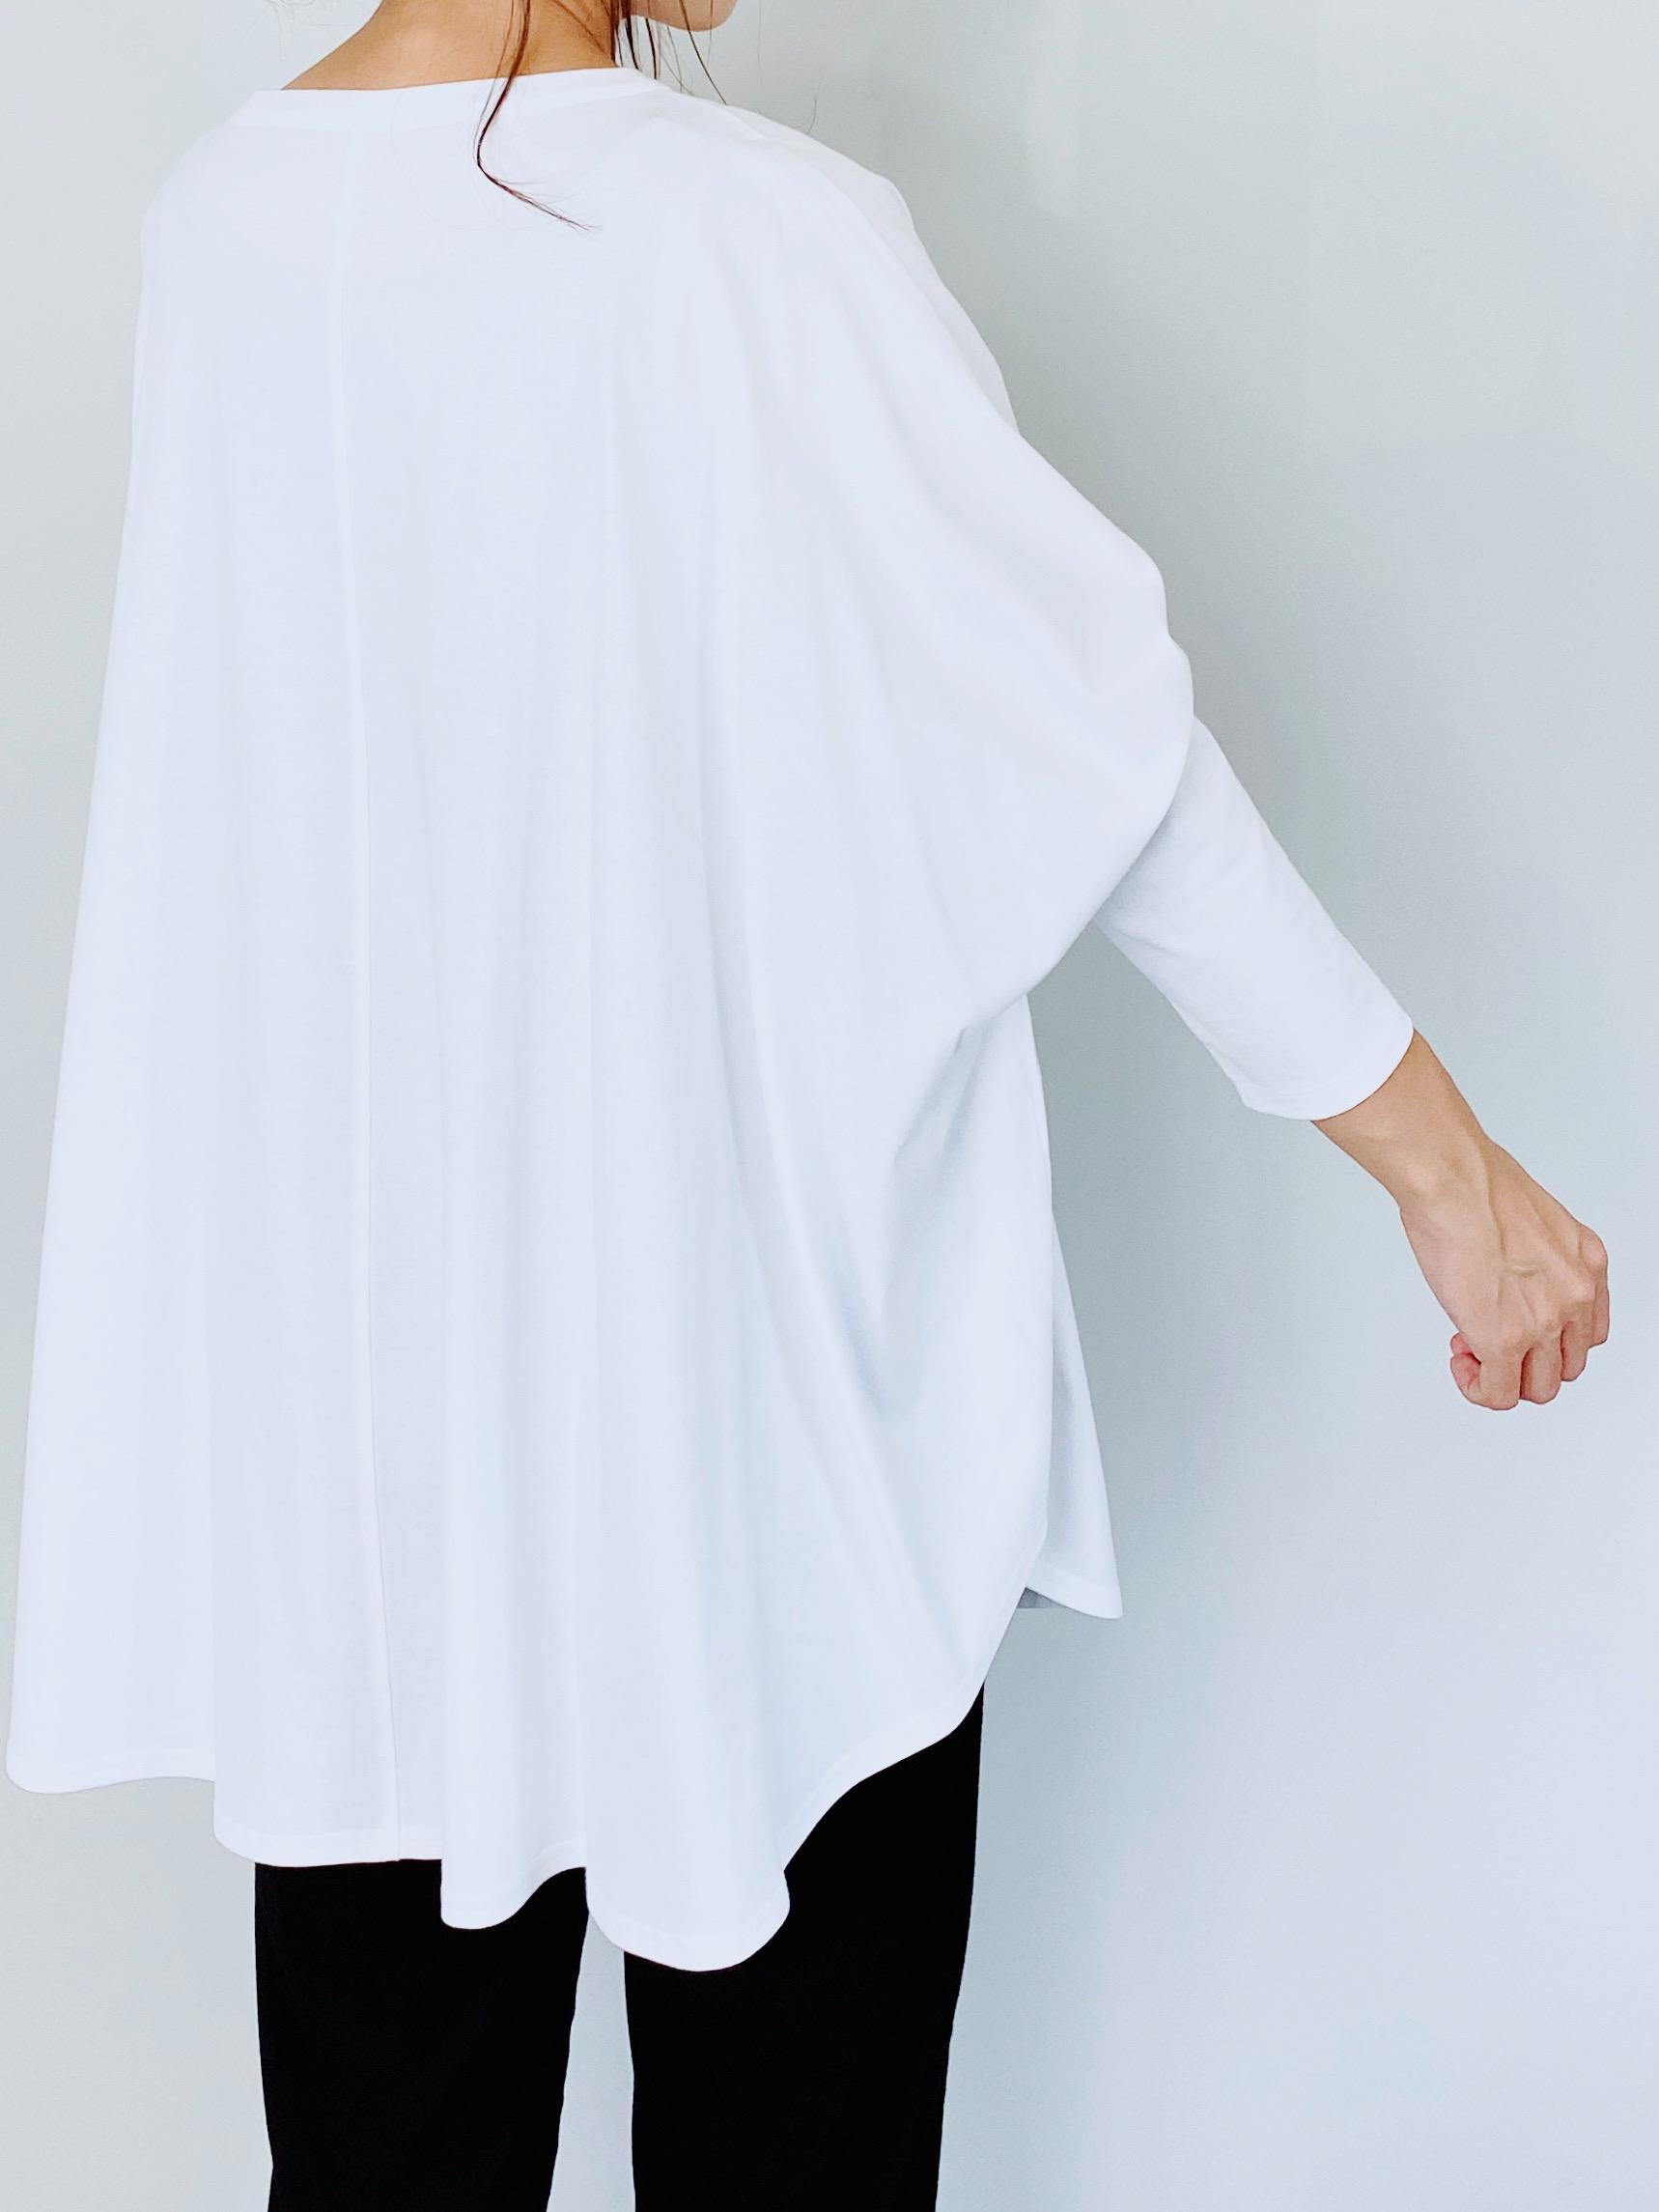 SELECT(セレクト) ワイドポンチョロングTee  WHITE